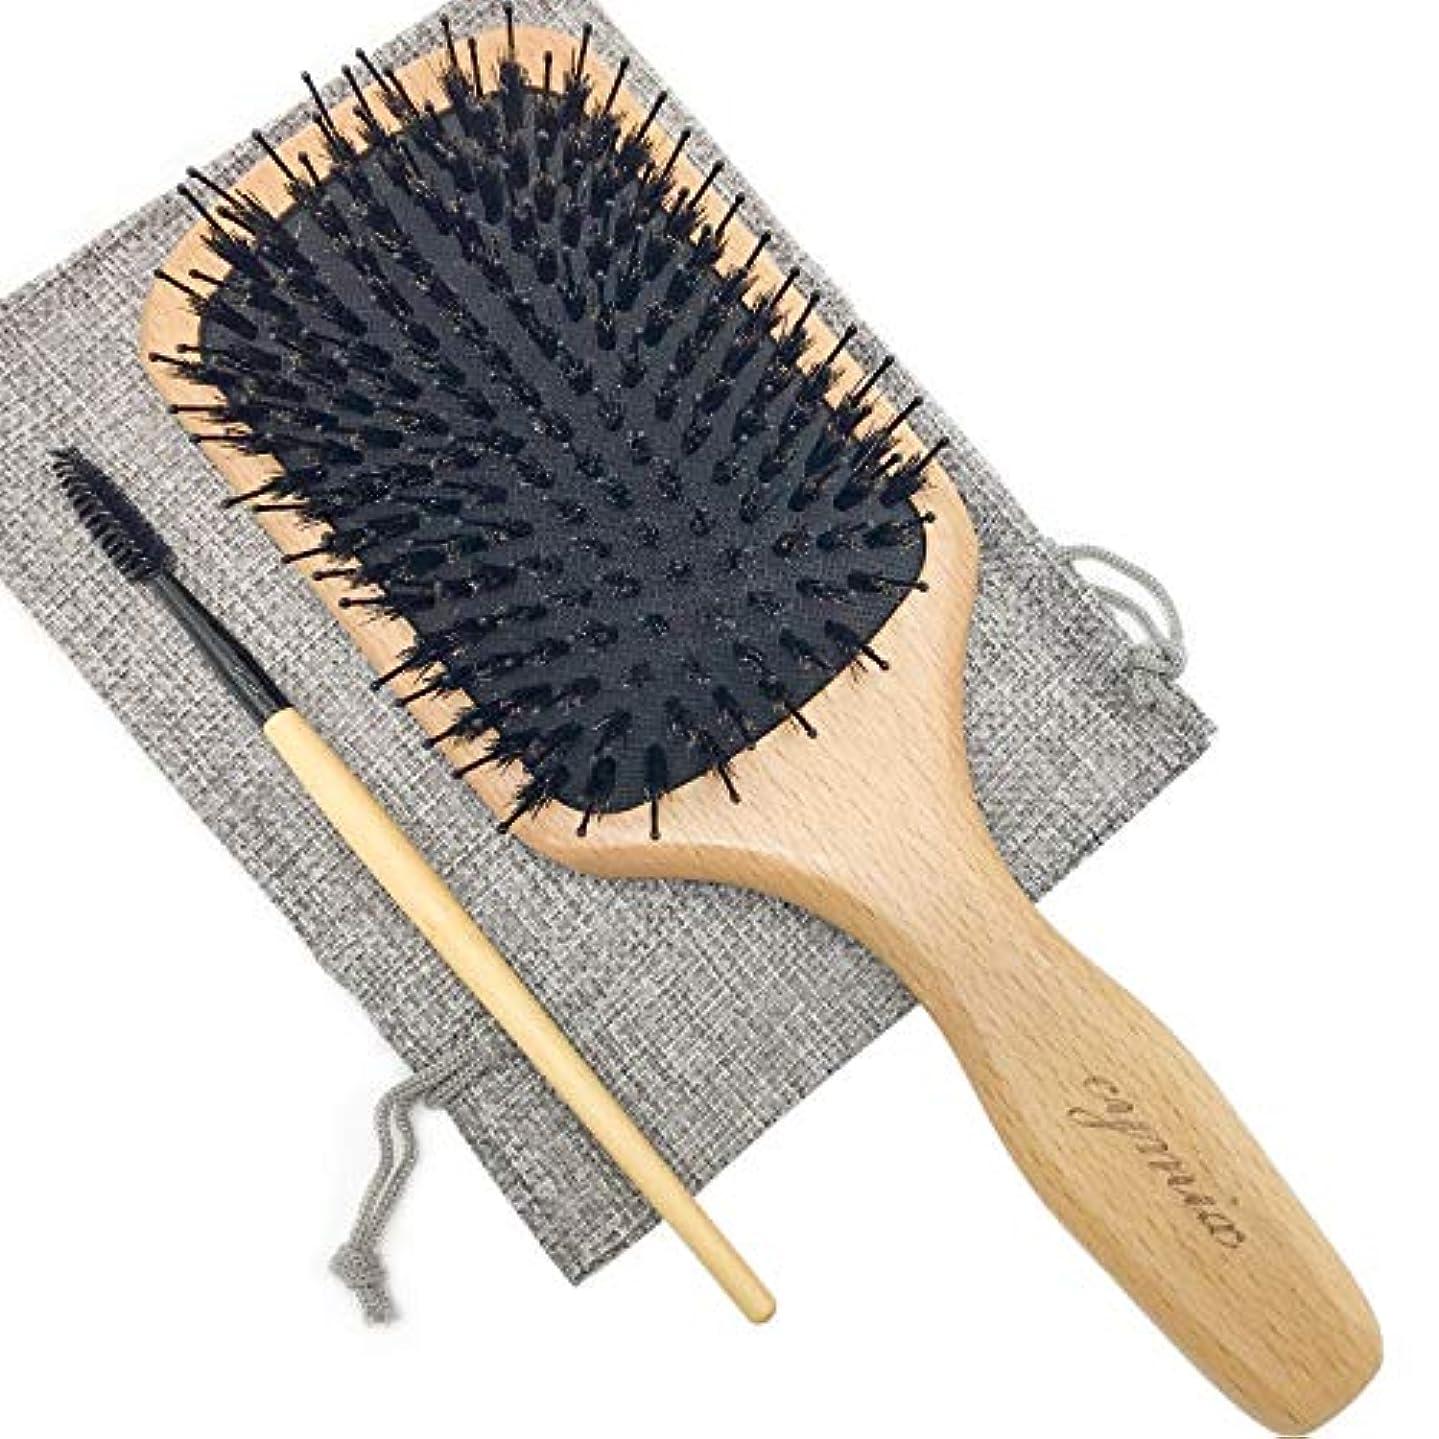 ローマ人フレッシュフロントCYMIX ヘアブラシ 天然豚毛100% 天然木柄 育毛 美髪 静電気防止 頭皮マッサージ 頭皮の血行を促進 プレゼント メンズ レディース 女の子に適し